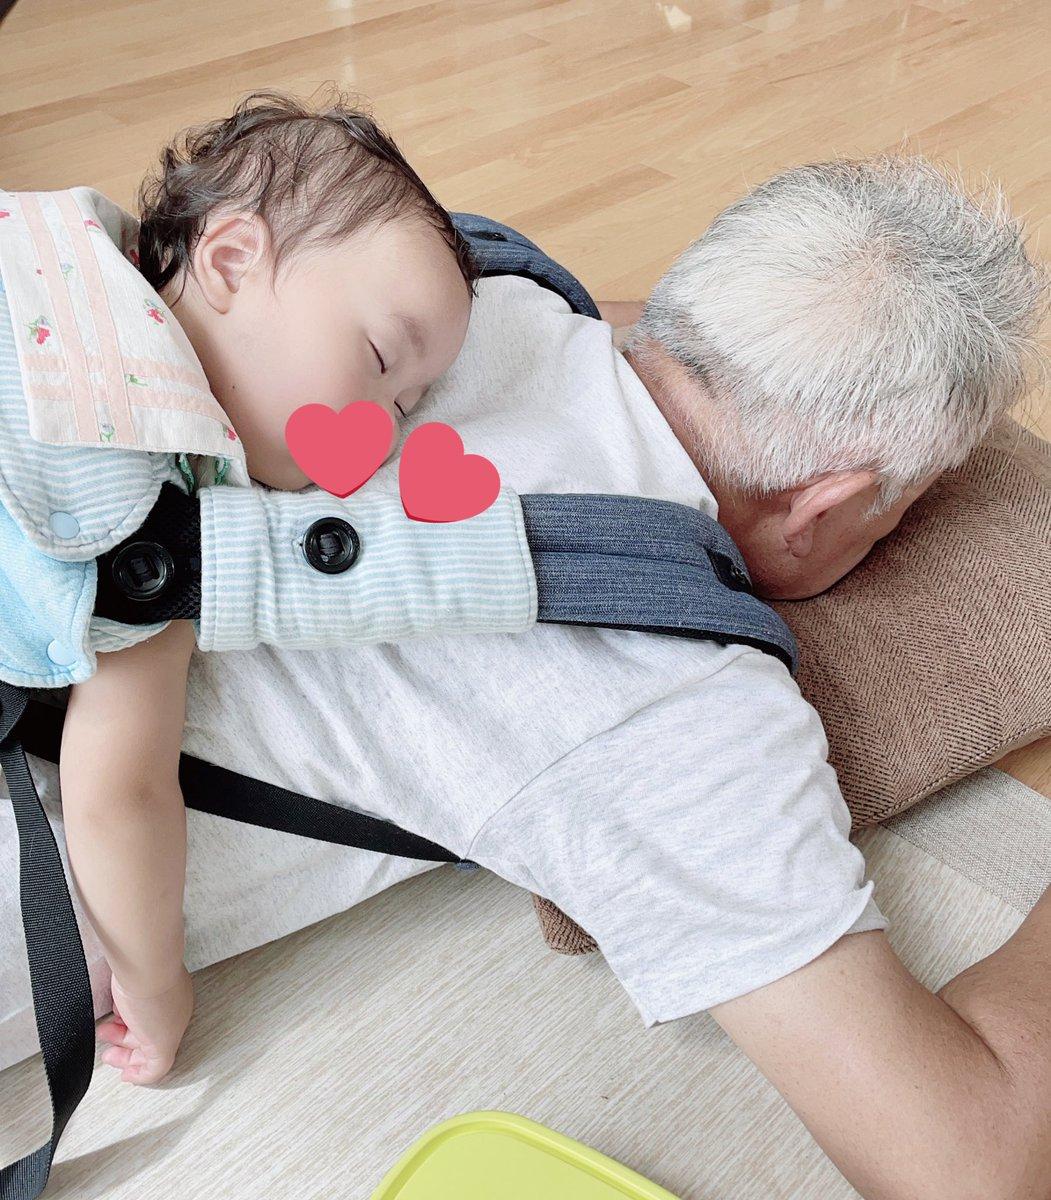 子育て時の困った事例その①子供がおんぶ中に寝てしまった時上手におろせない